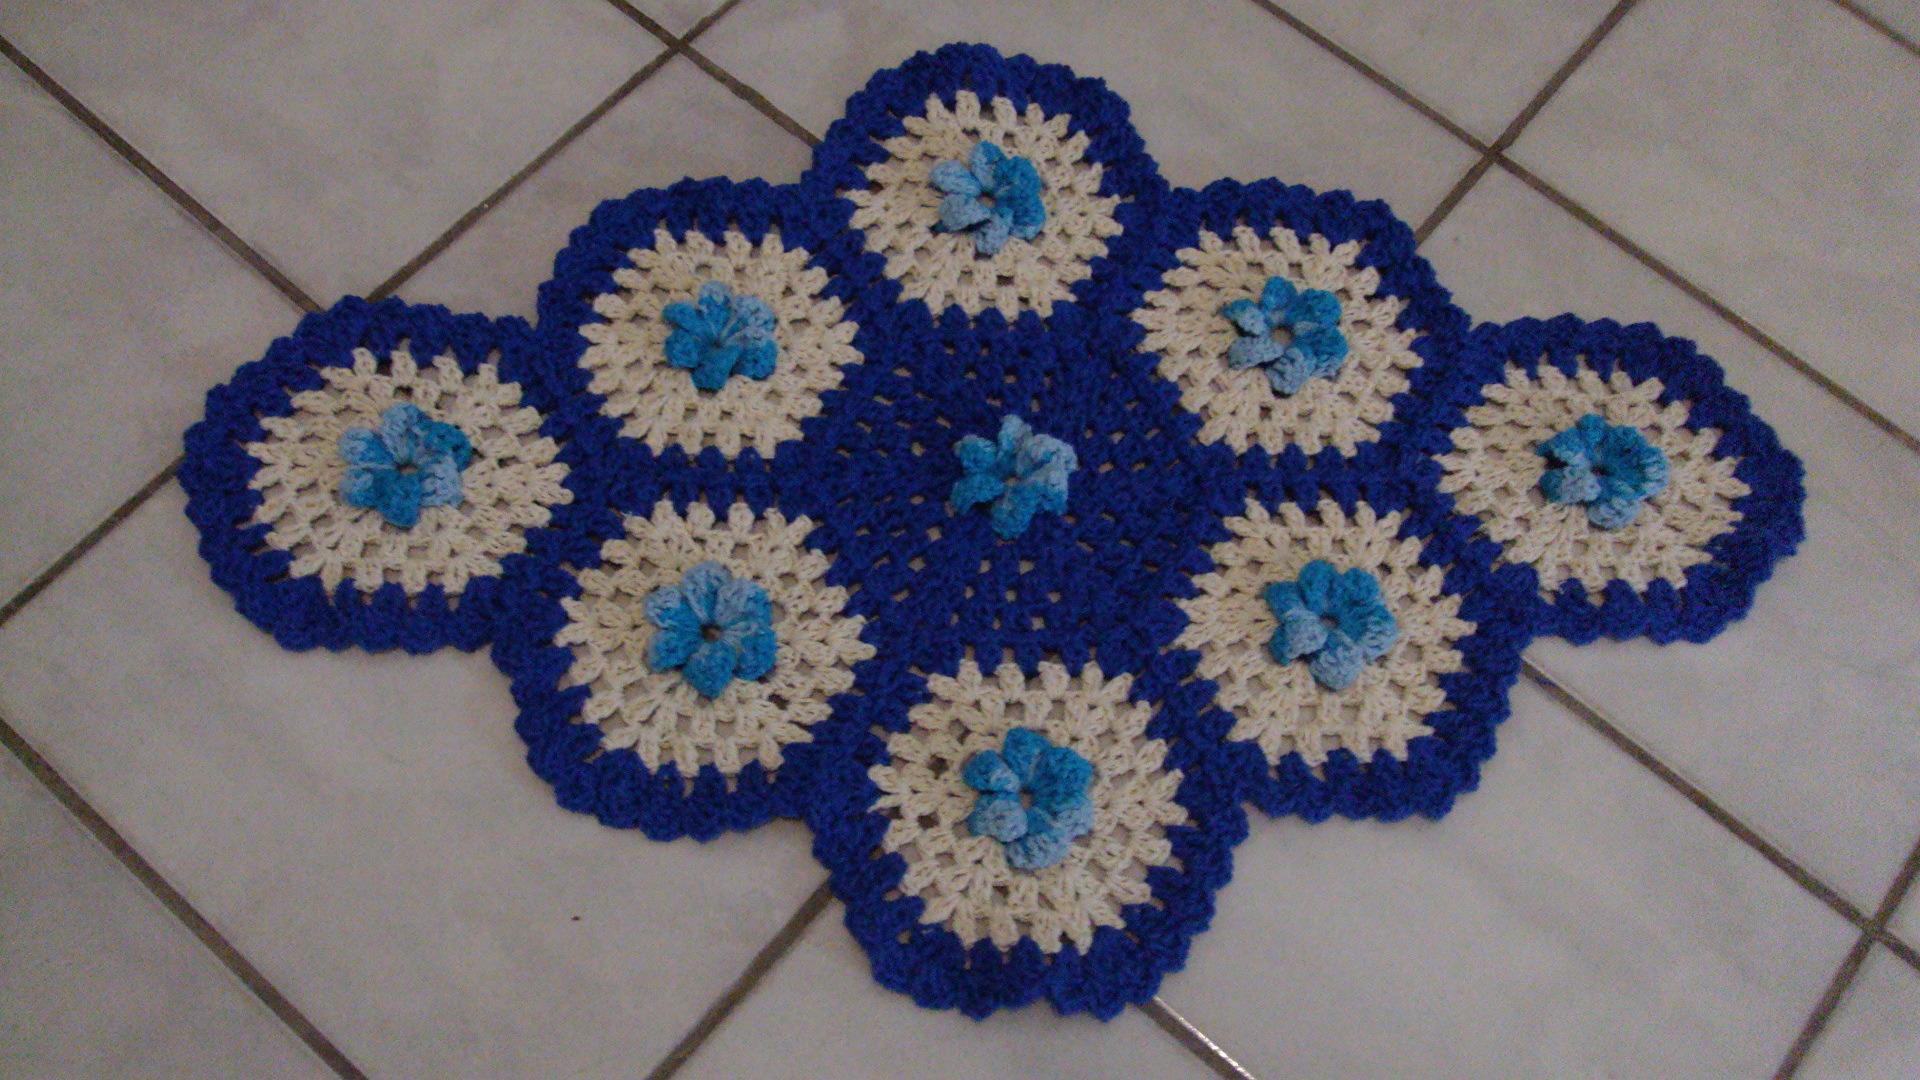 Flor Azul Tapete Jogo De Tapete Para Banheiro Flor Azul Banheiro Jogo  #182D61 1920 1080